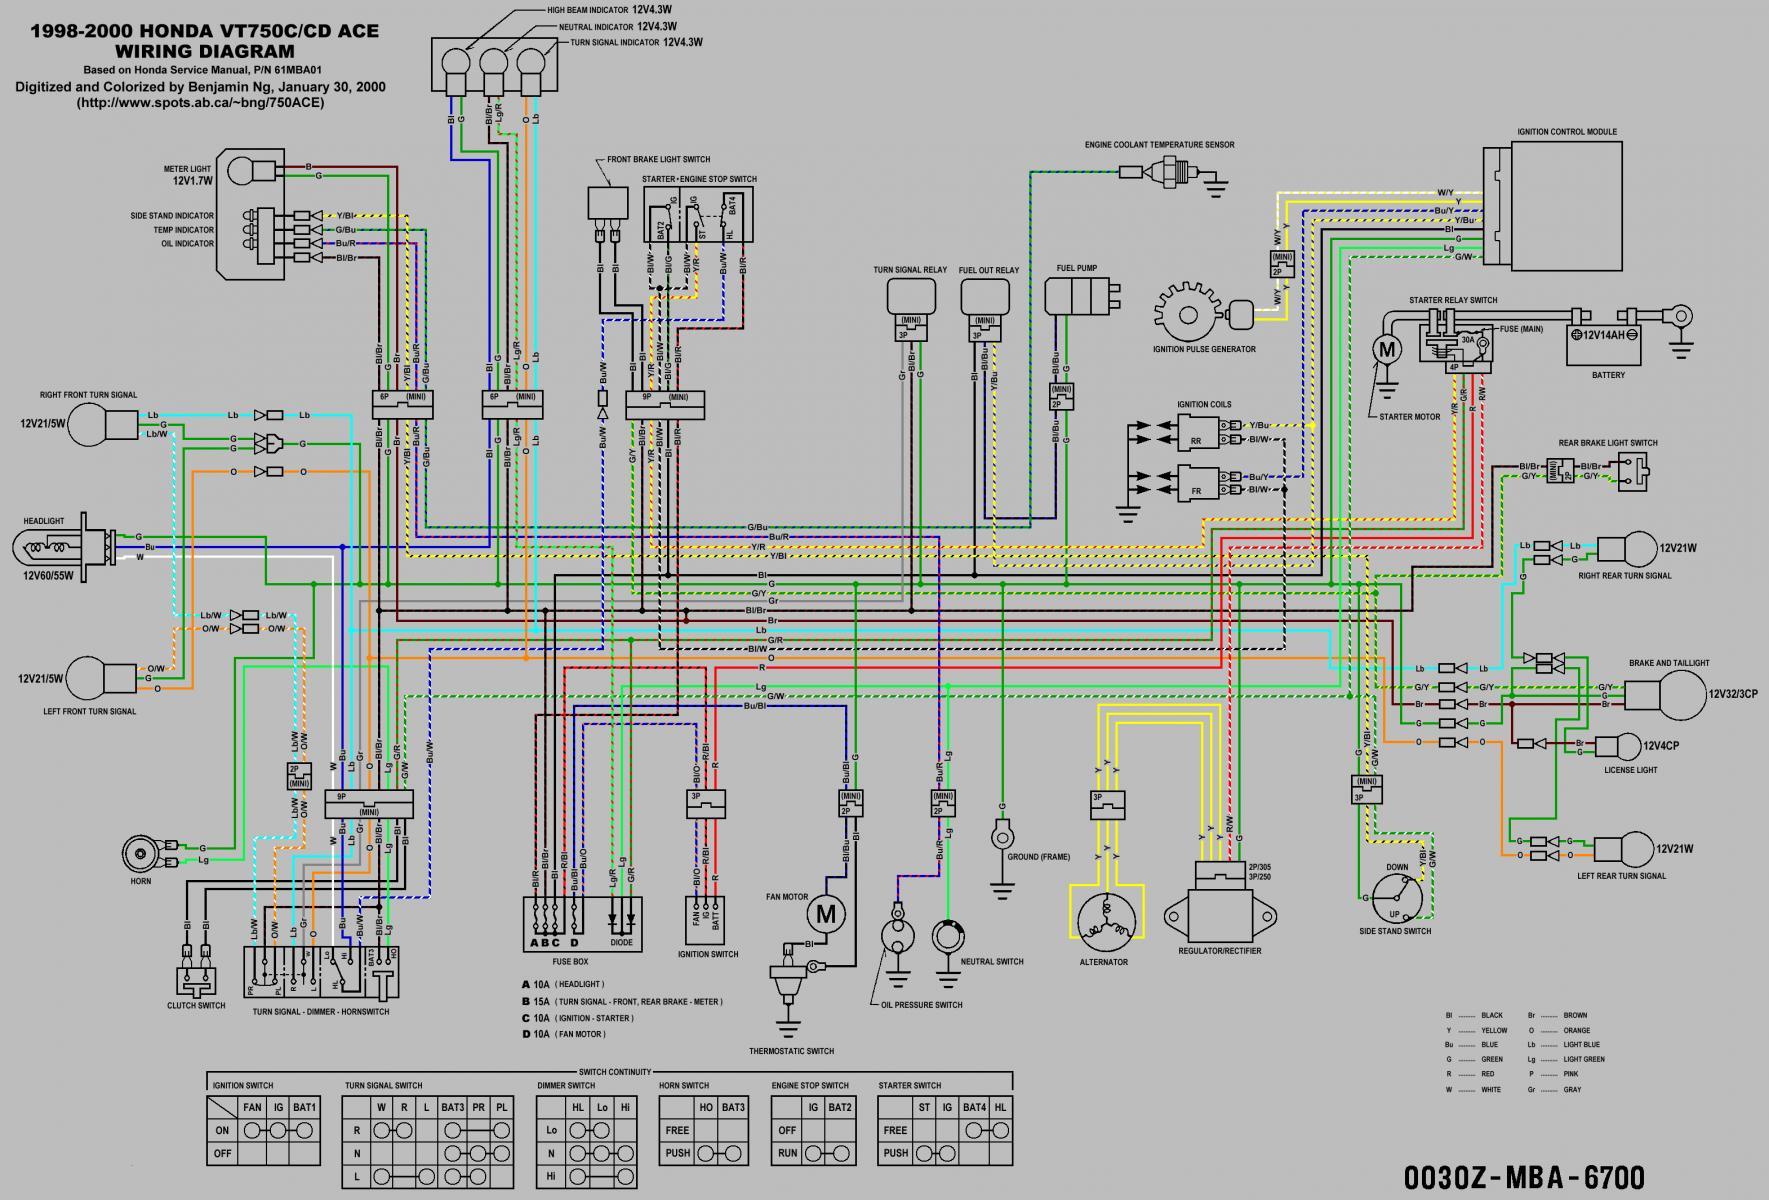 honda valkyrie wiring schematic schematics and wiring diagrams 1997 honda goldwing wiring schematic nilza